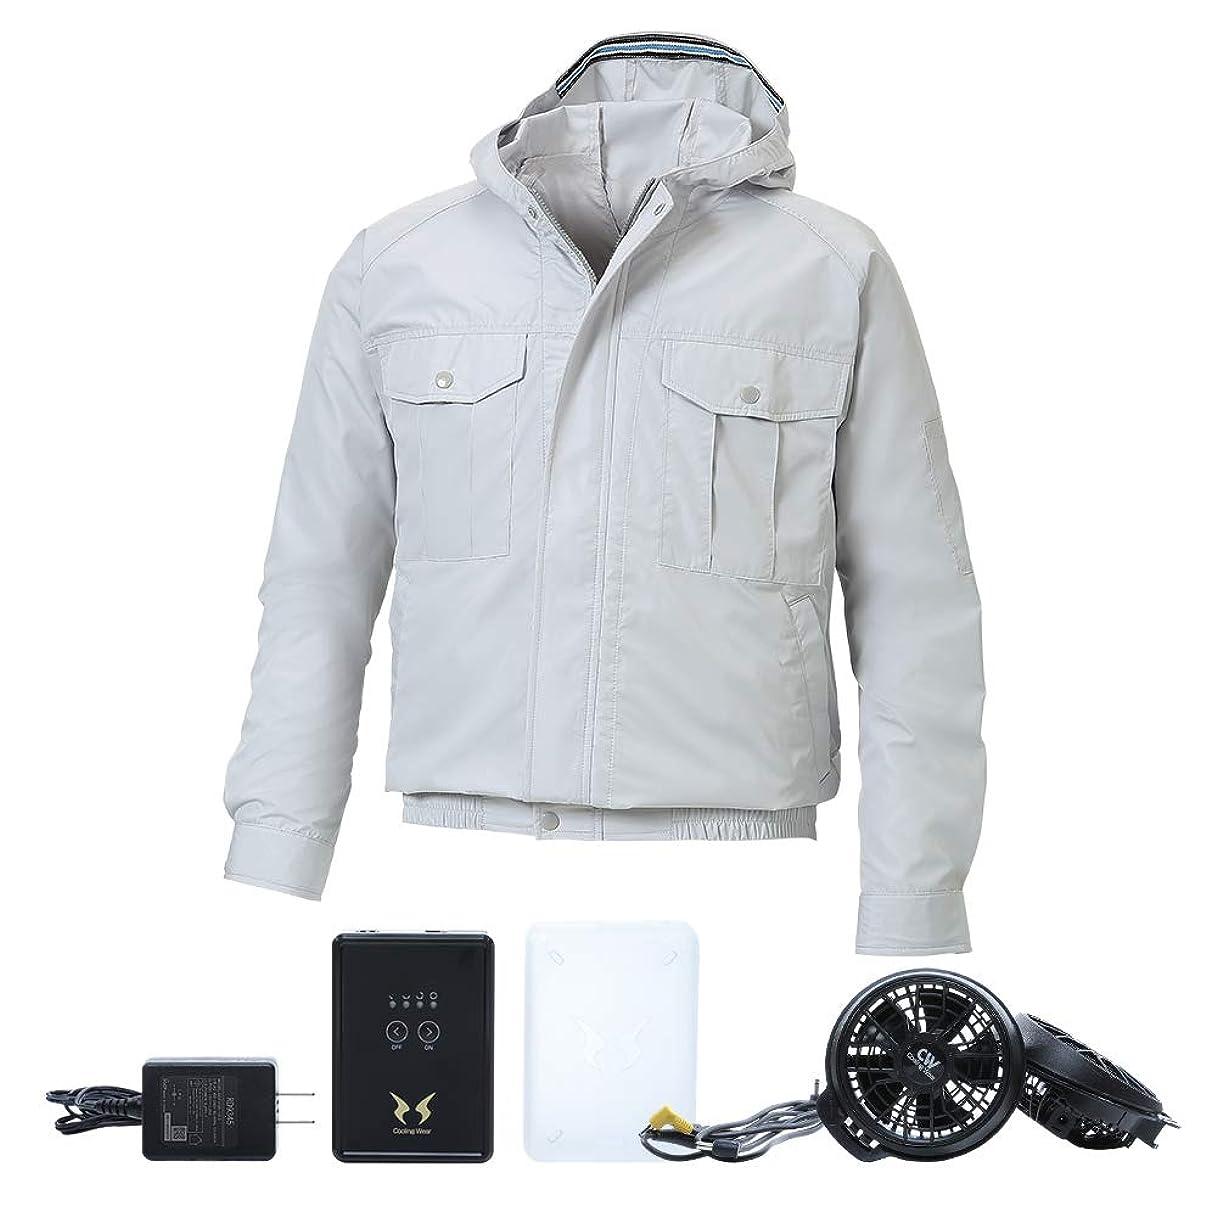 転送ジャンプする順番サンエス 空調服 空調風神服 フード付長袖ブルゾン ファン バッテリー セット KU90810